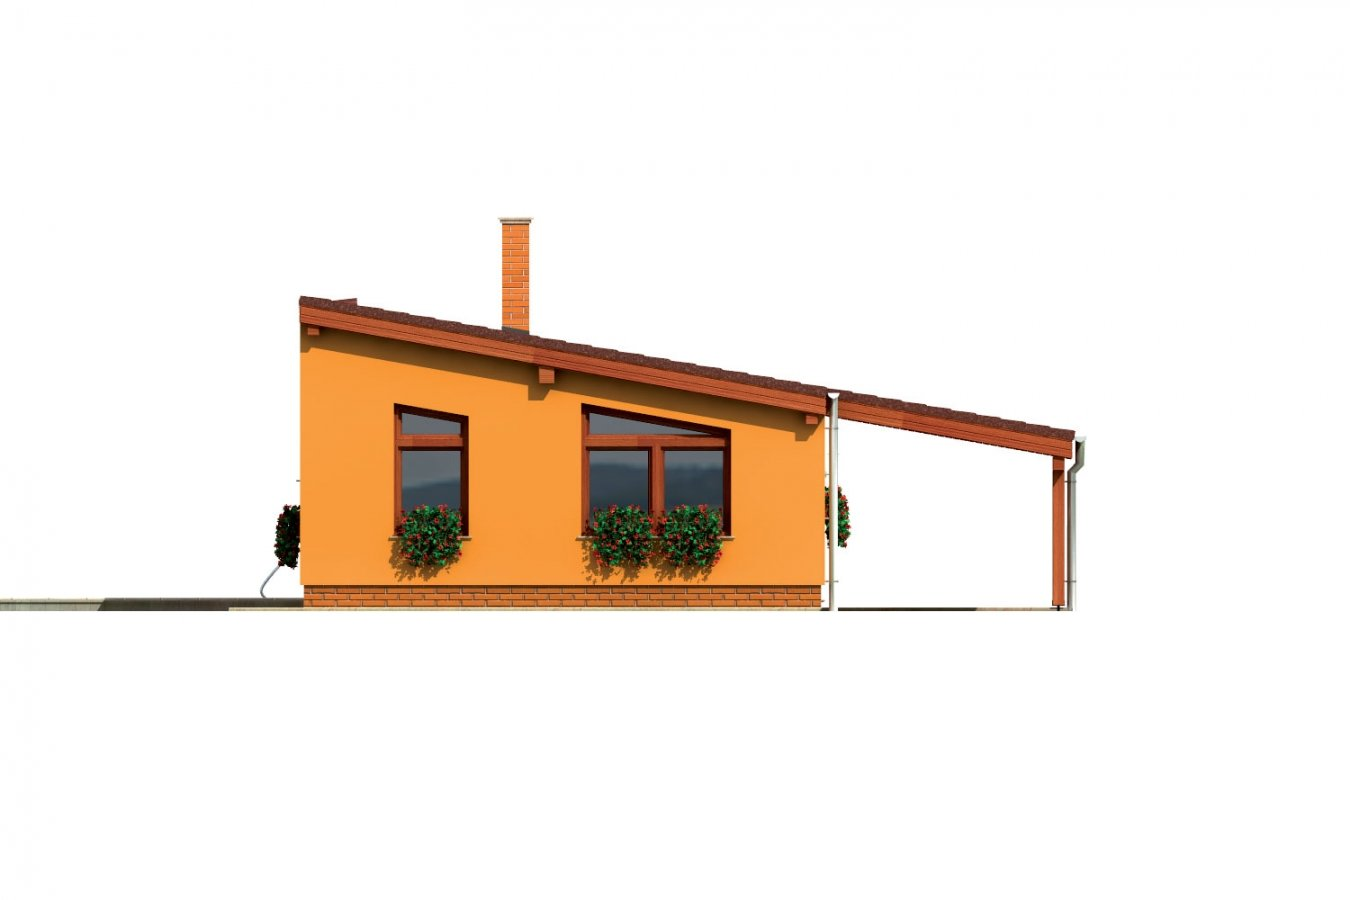 Pohľad 1. - Úzky moderný rodinný domček pre mladých.